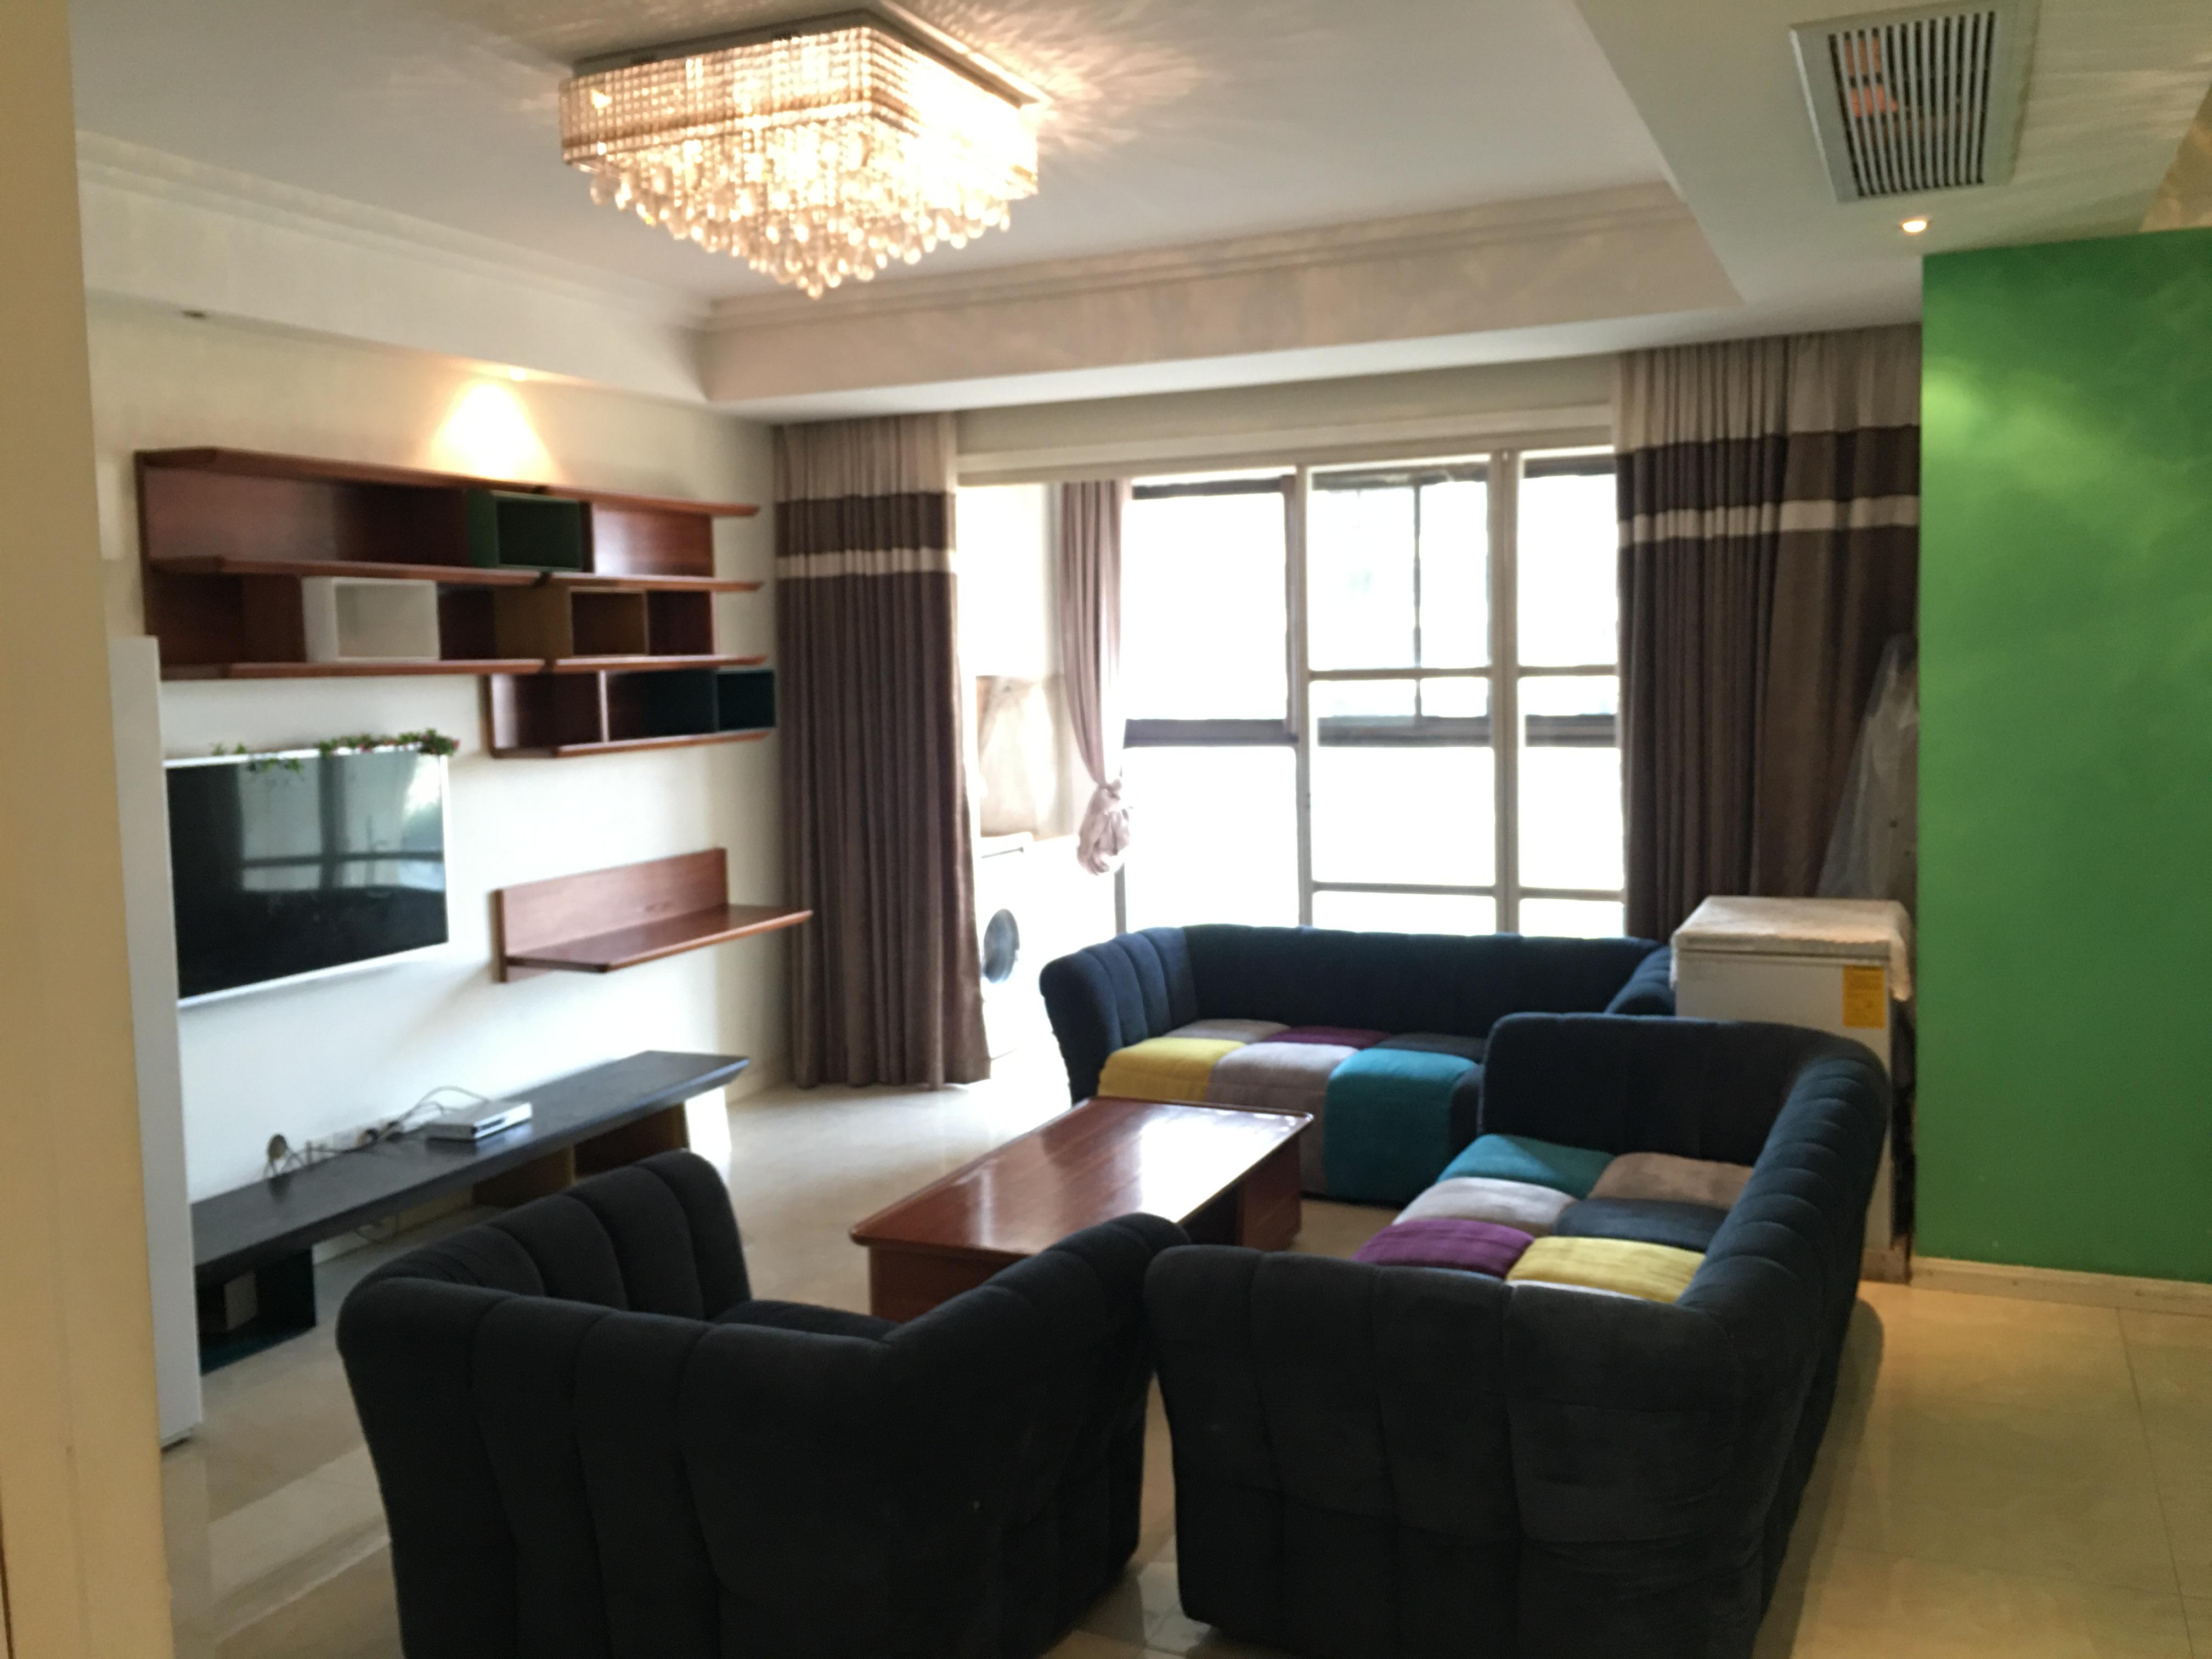 出租:大成名座140方三室二厅二卫精装修,建设三路雷迪森酒店边上